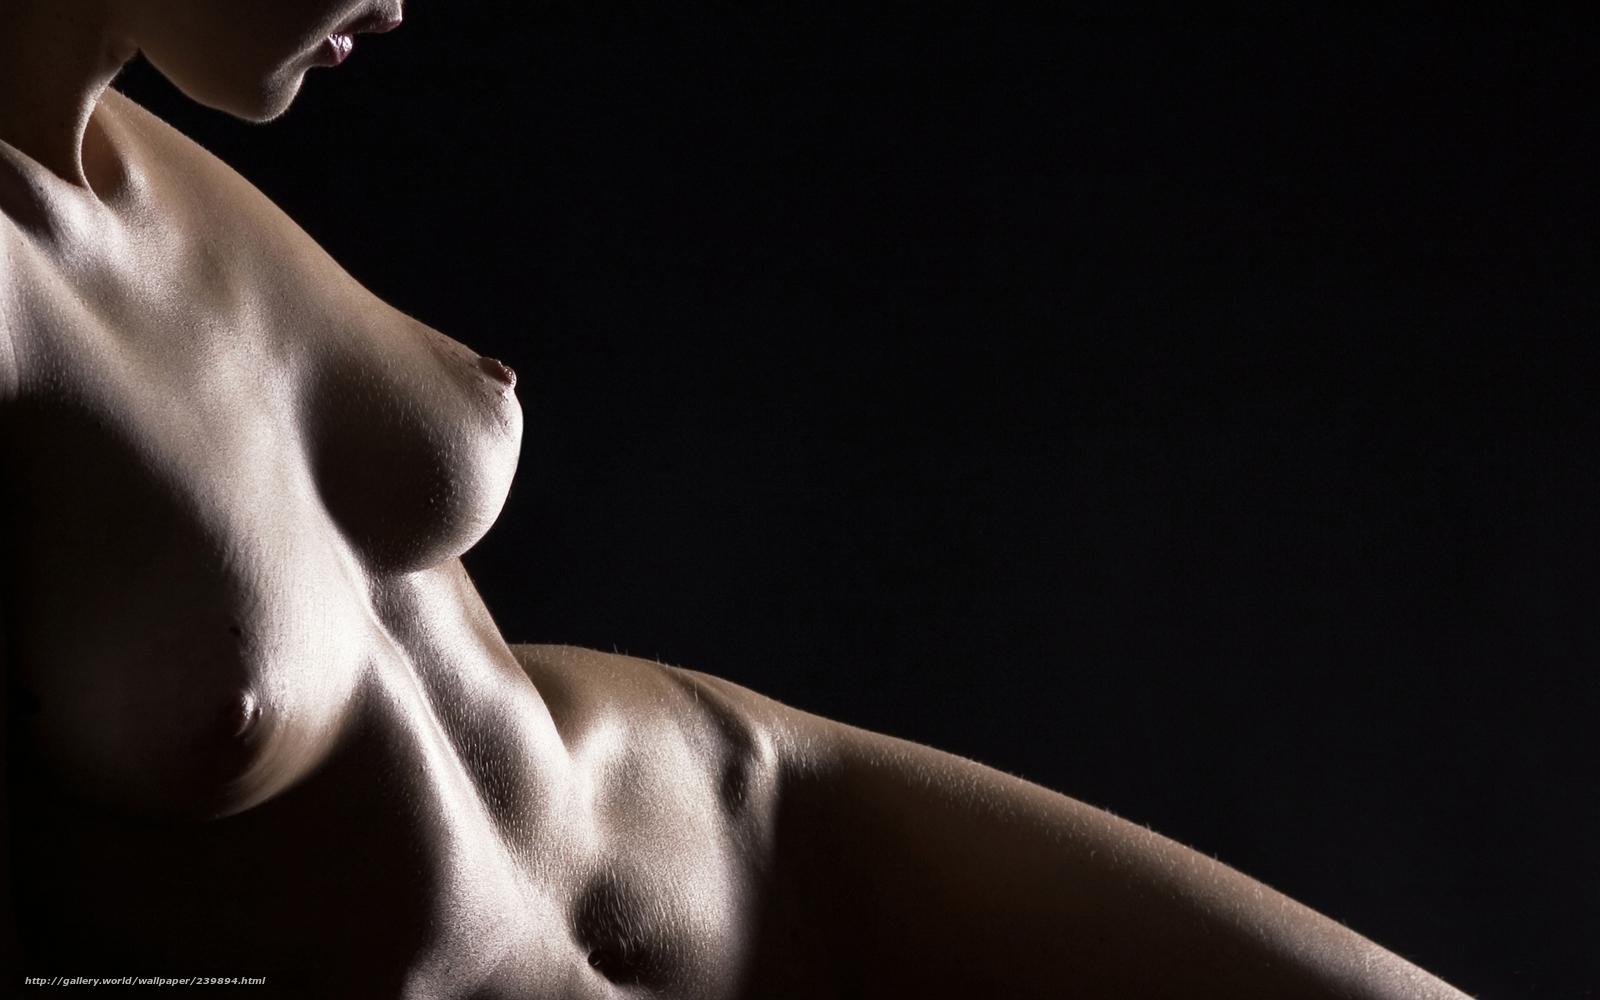 Сексуальность фото тел 4 фотография